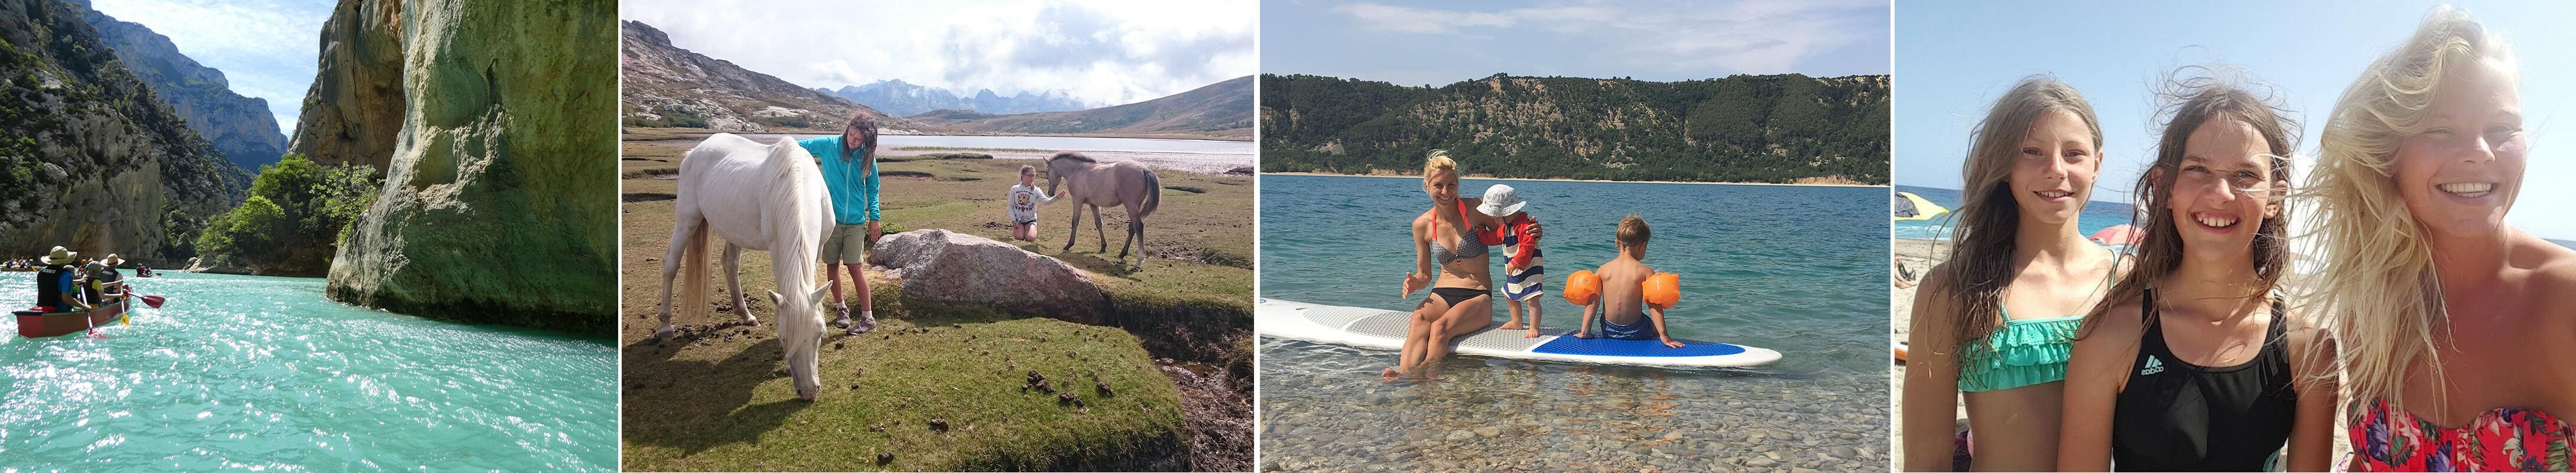 Verschiedene Eindrücke aus dem Familienurlaub